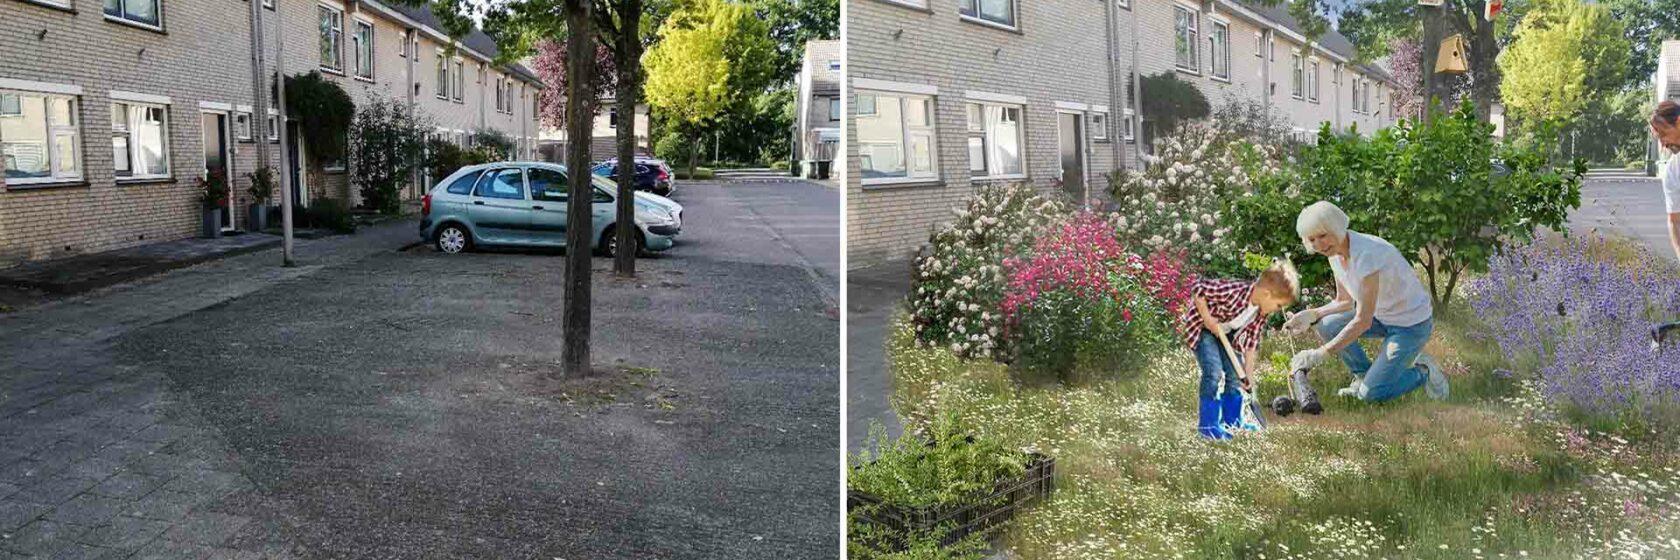 Voorbeeld van verschil tussen huidige en toekomstige situatie in woonwijk